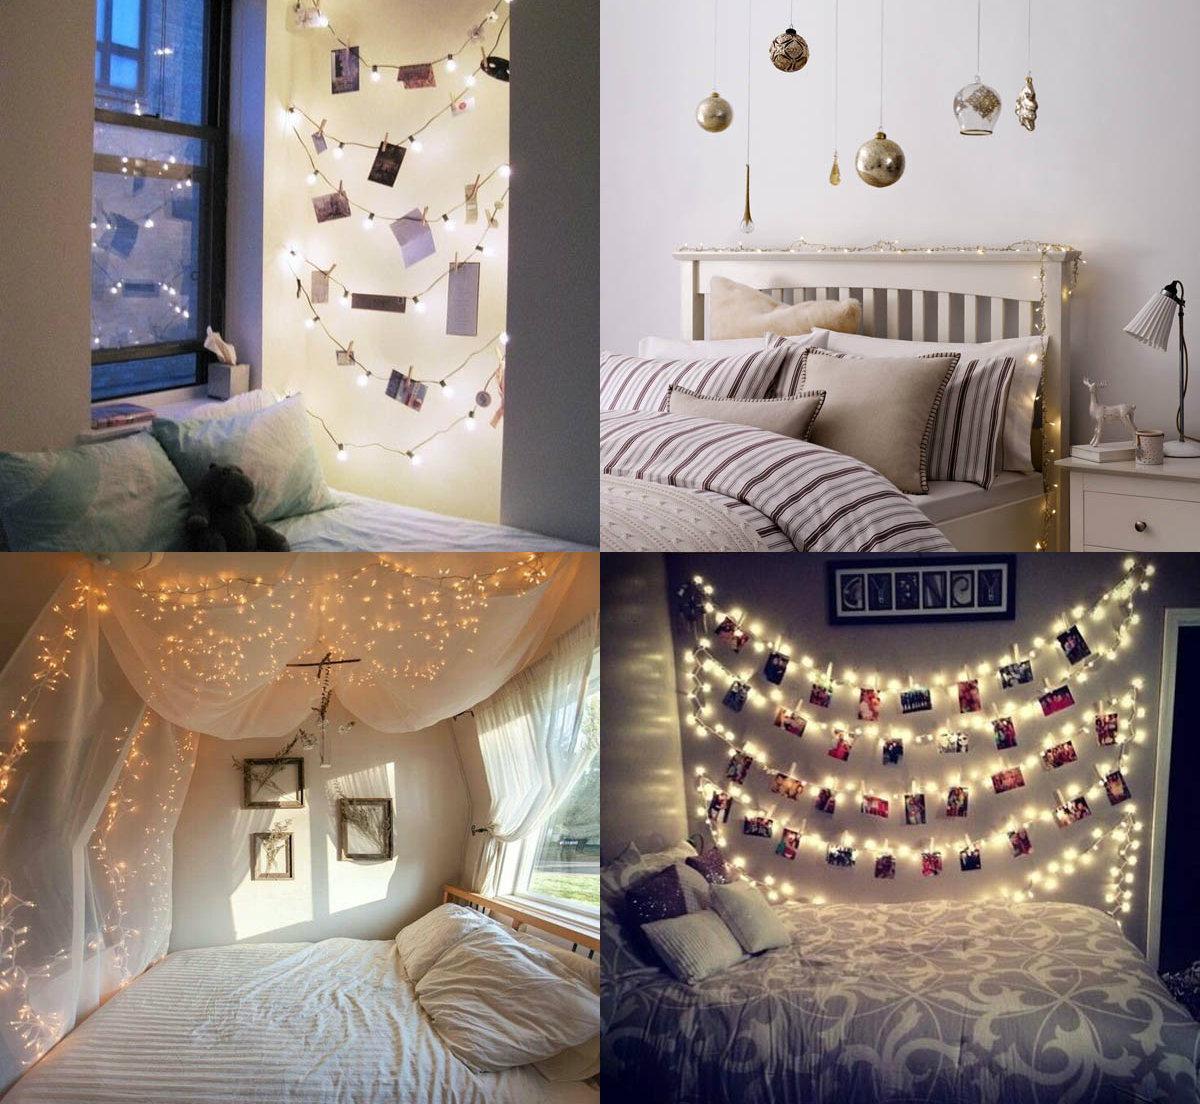 je slaapkamer versieren voor kerst  ideetjes  christmaholic.nl, Meubels Ideeën